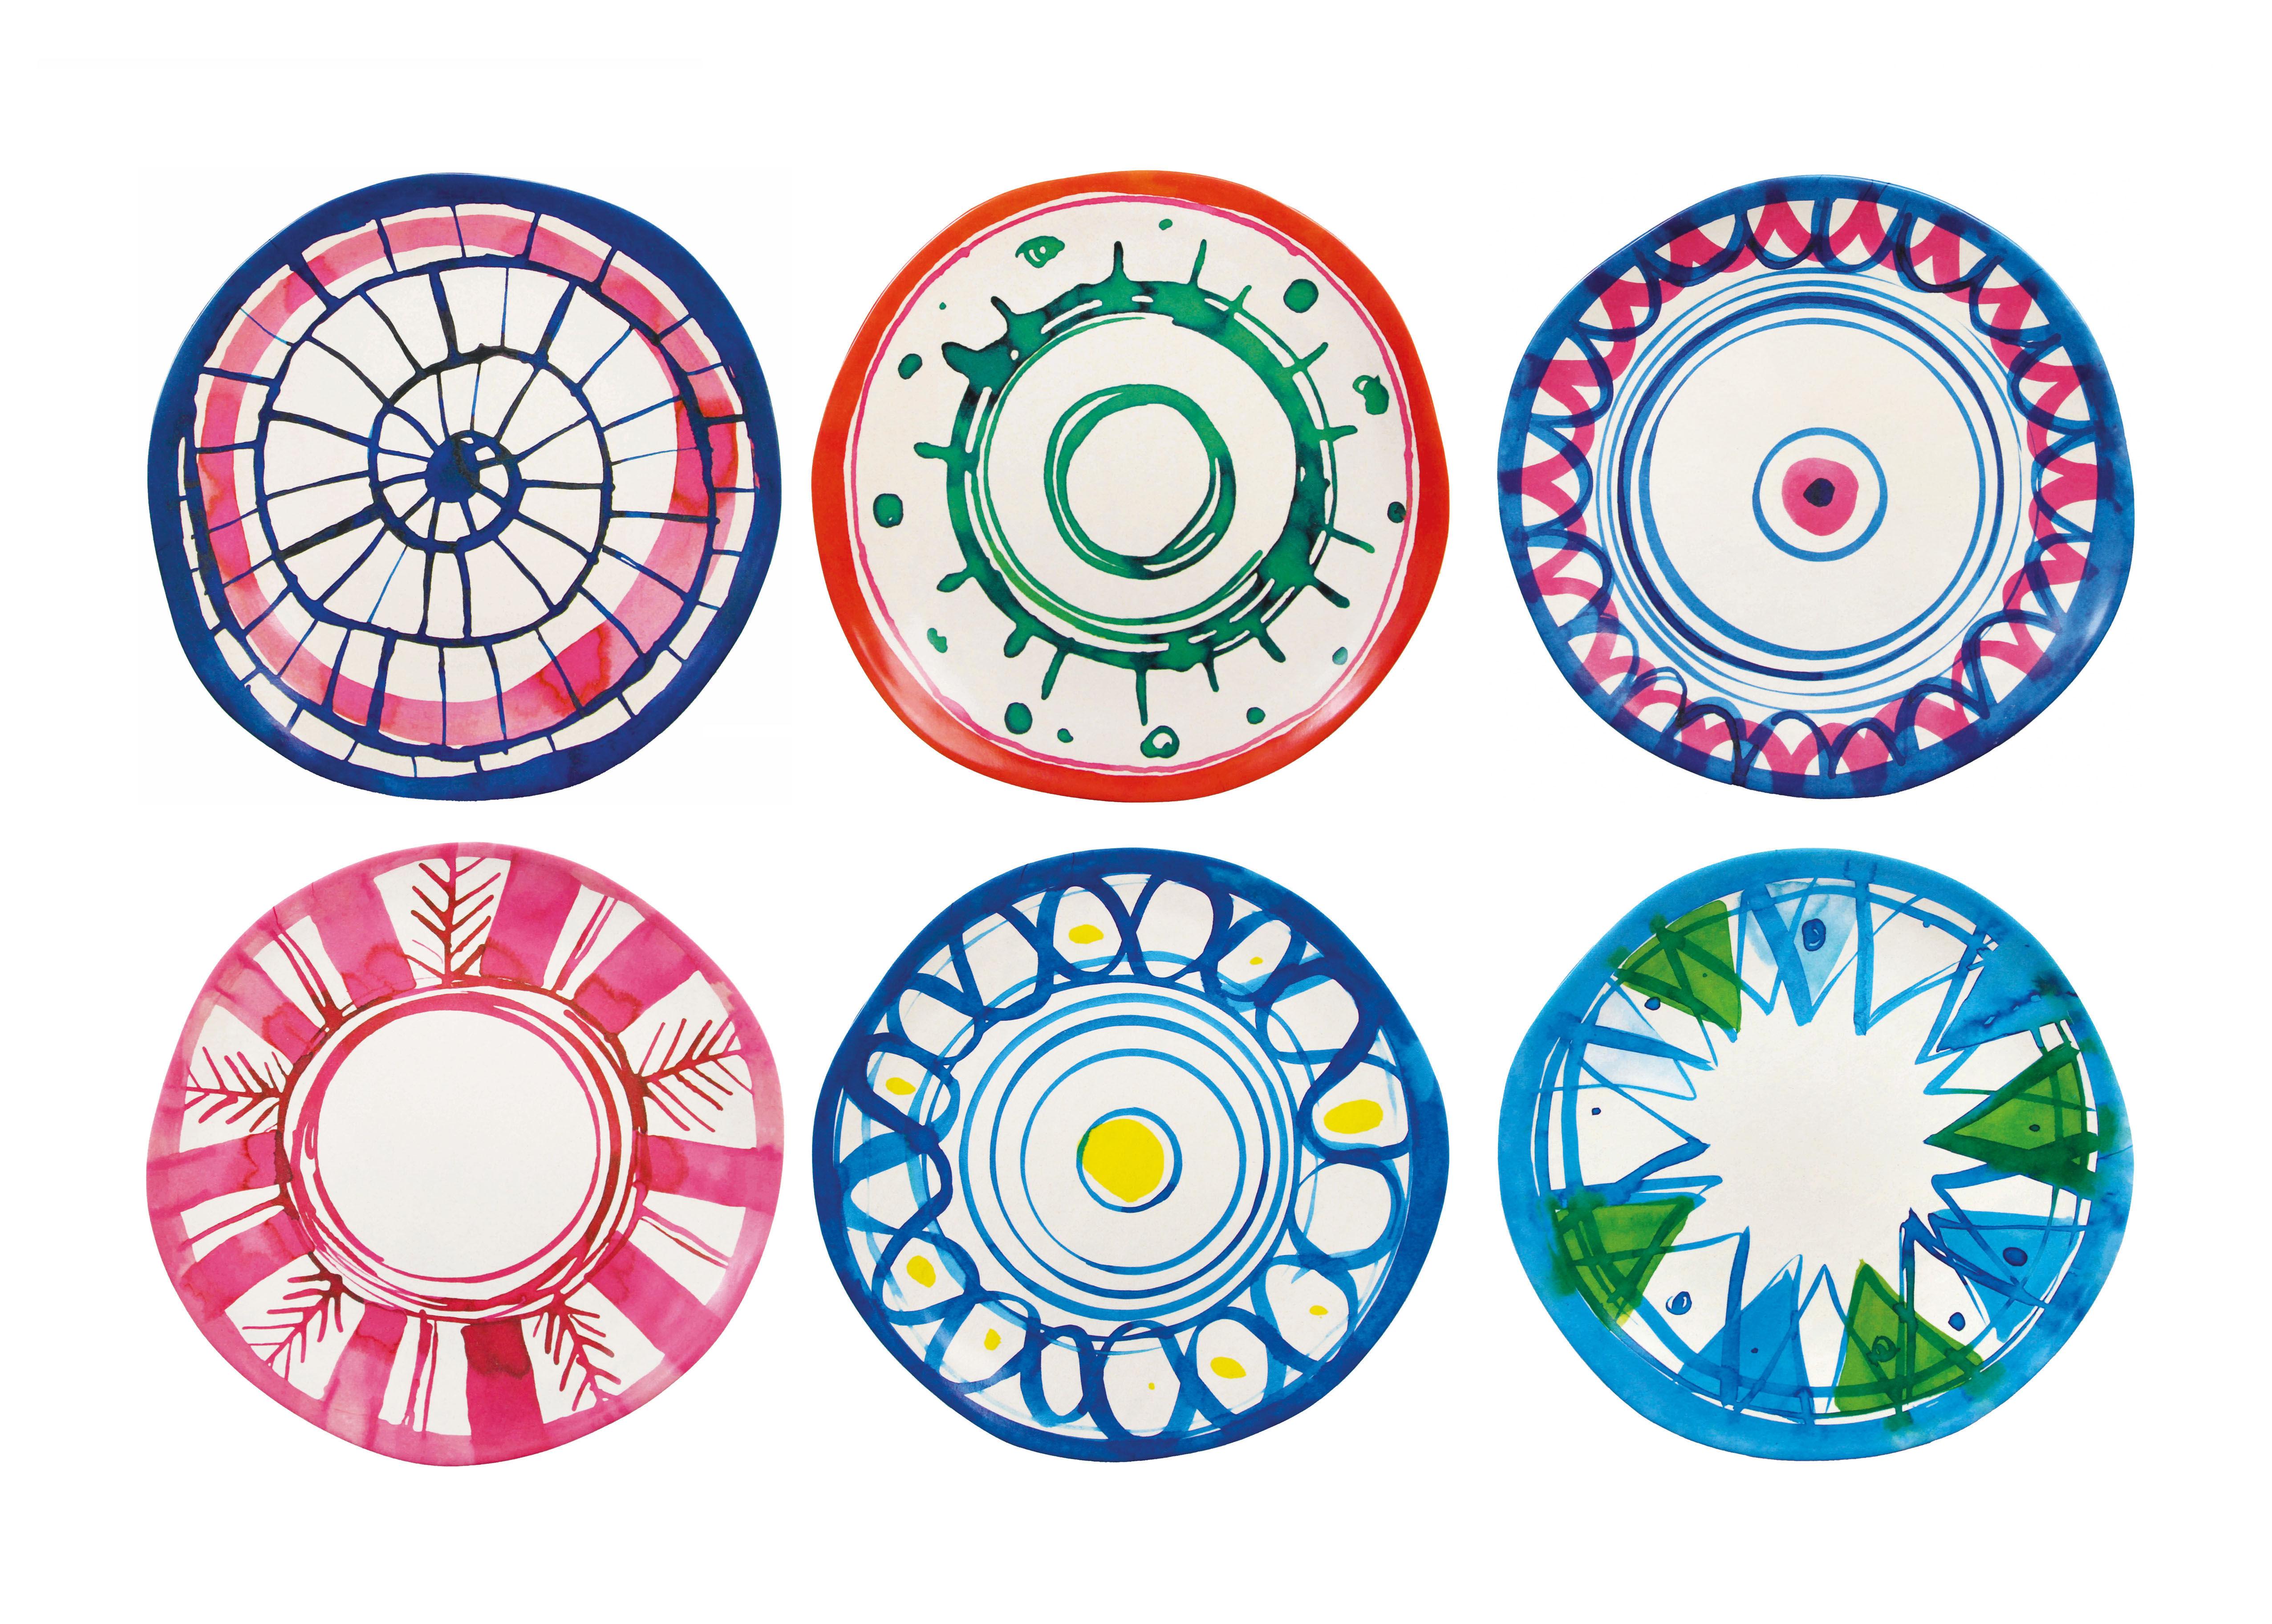 Arts de la table - Assiettes - Assiette Anouk / Set de 6 - Bambou - & klevering - Multicolore - Fibre de bambou imprimée